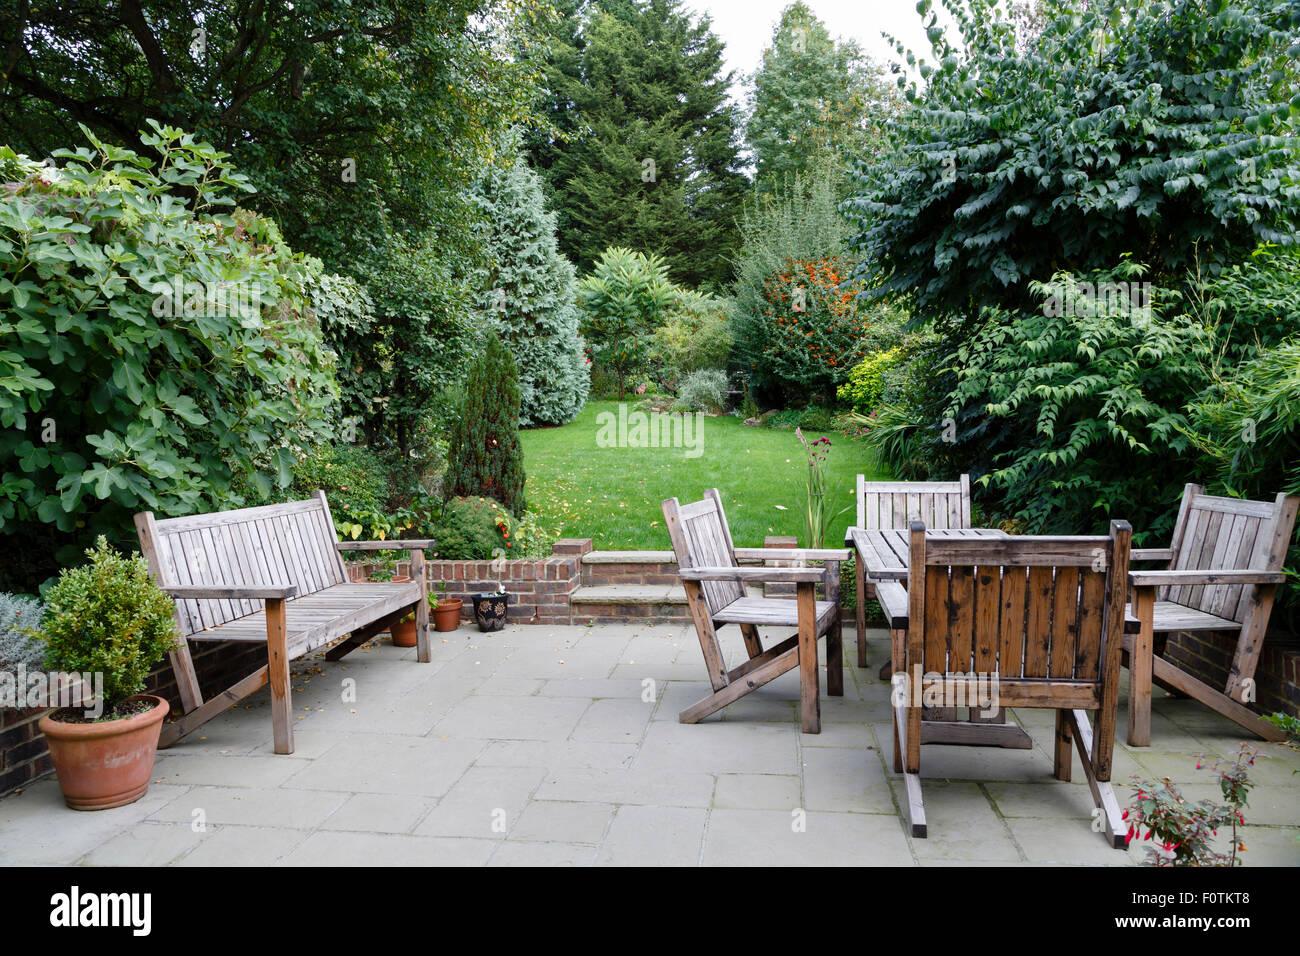 Garten, Terrasse und Garten Möbel in einem englischen Haus Stockbild